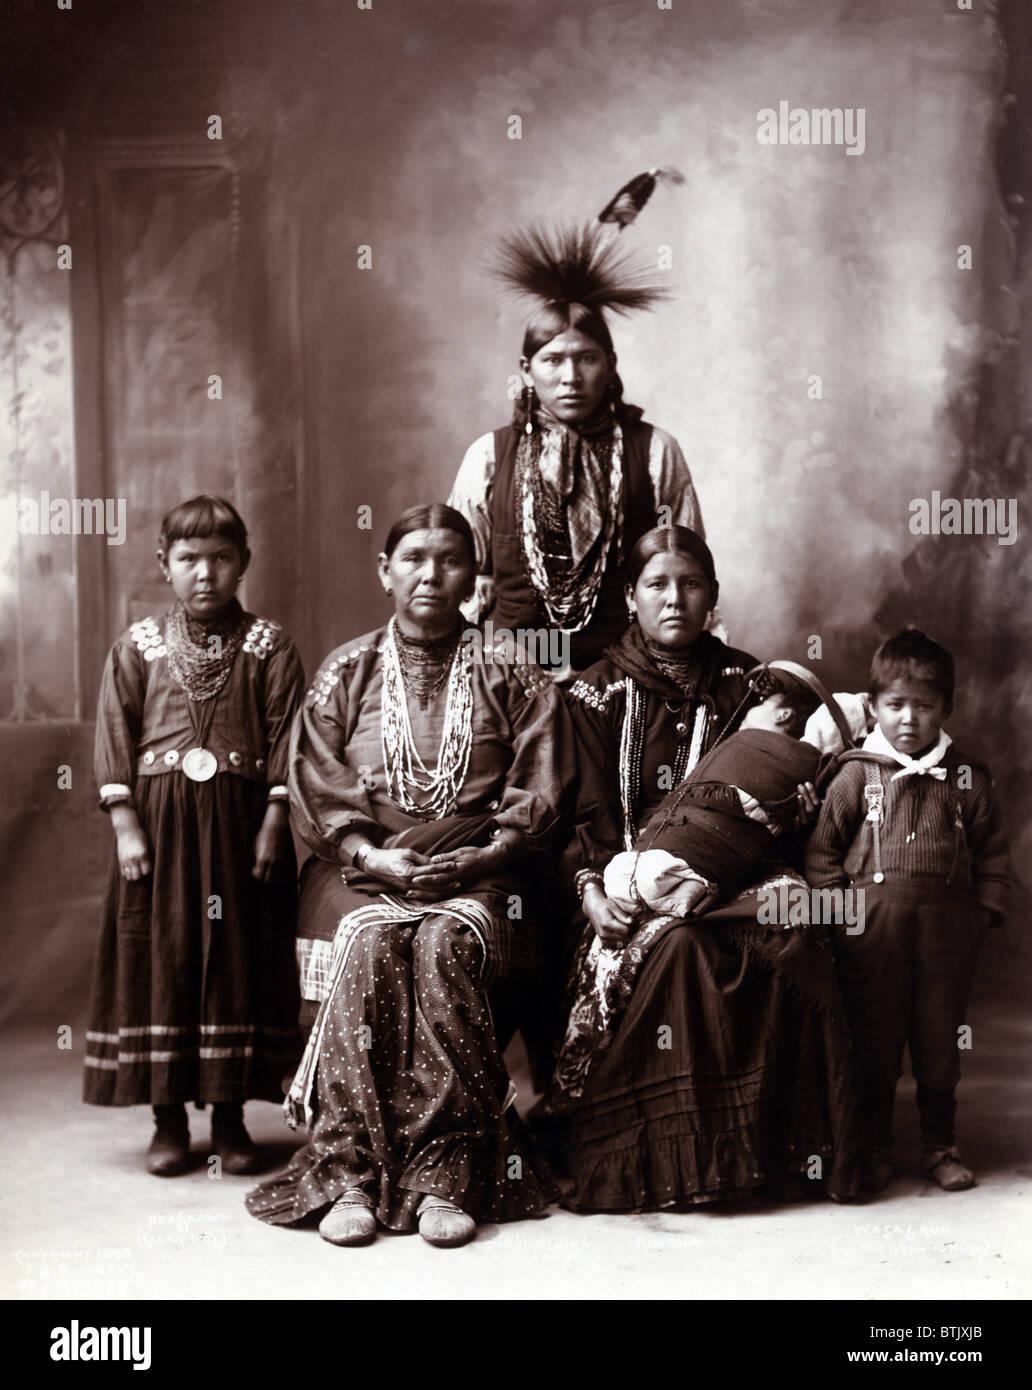 Native American Family, titolo originale: 'Sauk famiglia indiana', fotografia di Frank A. Rinehart, 1899. Immagini Stock